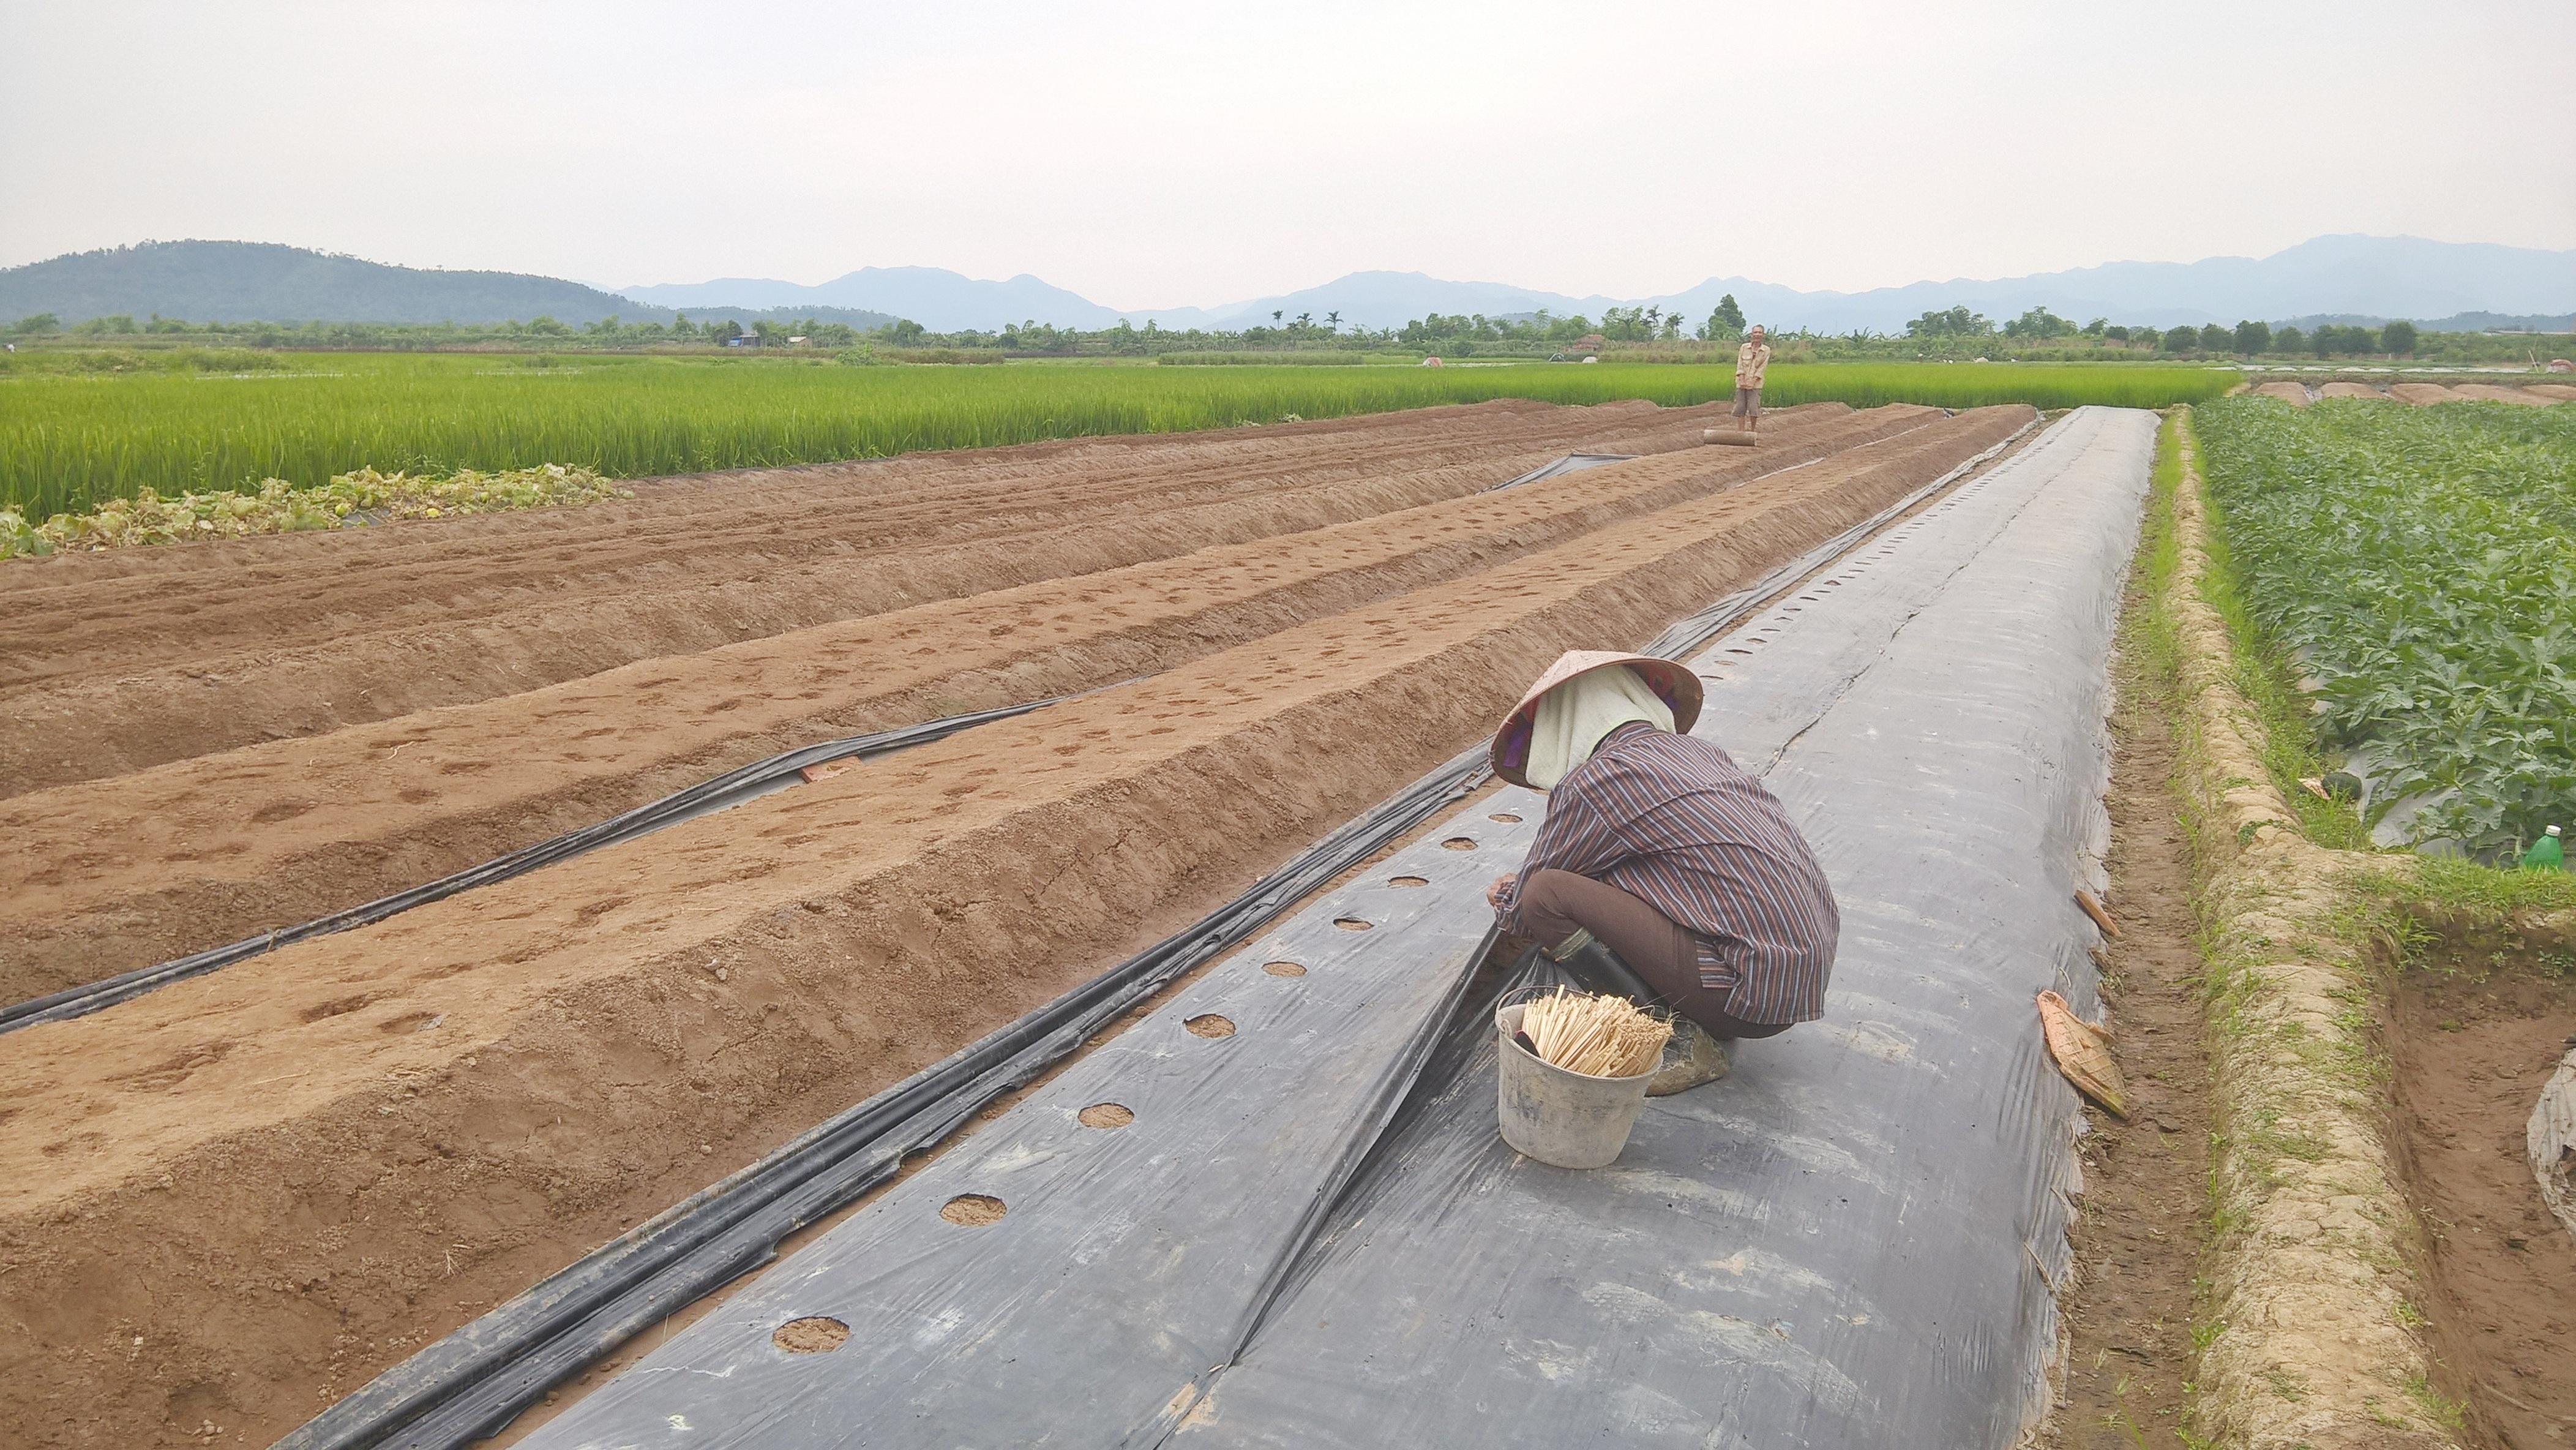 Một vụ dưa trồng trong từ 2 - 3 tháng cho thu hoạch, dù vất vả nhưng lại cho kinh tế cao hơn hẳn với trồng lúa và hoa màu khác.